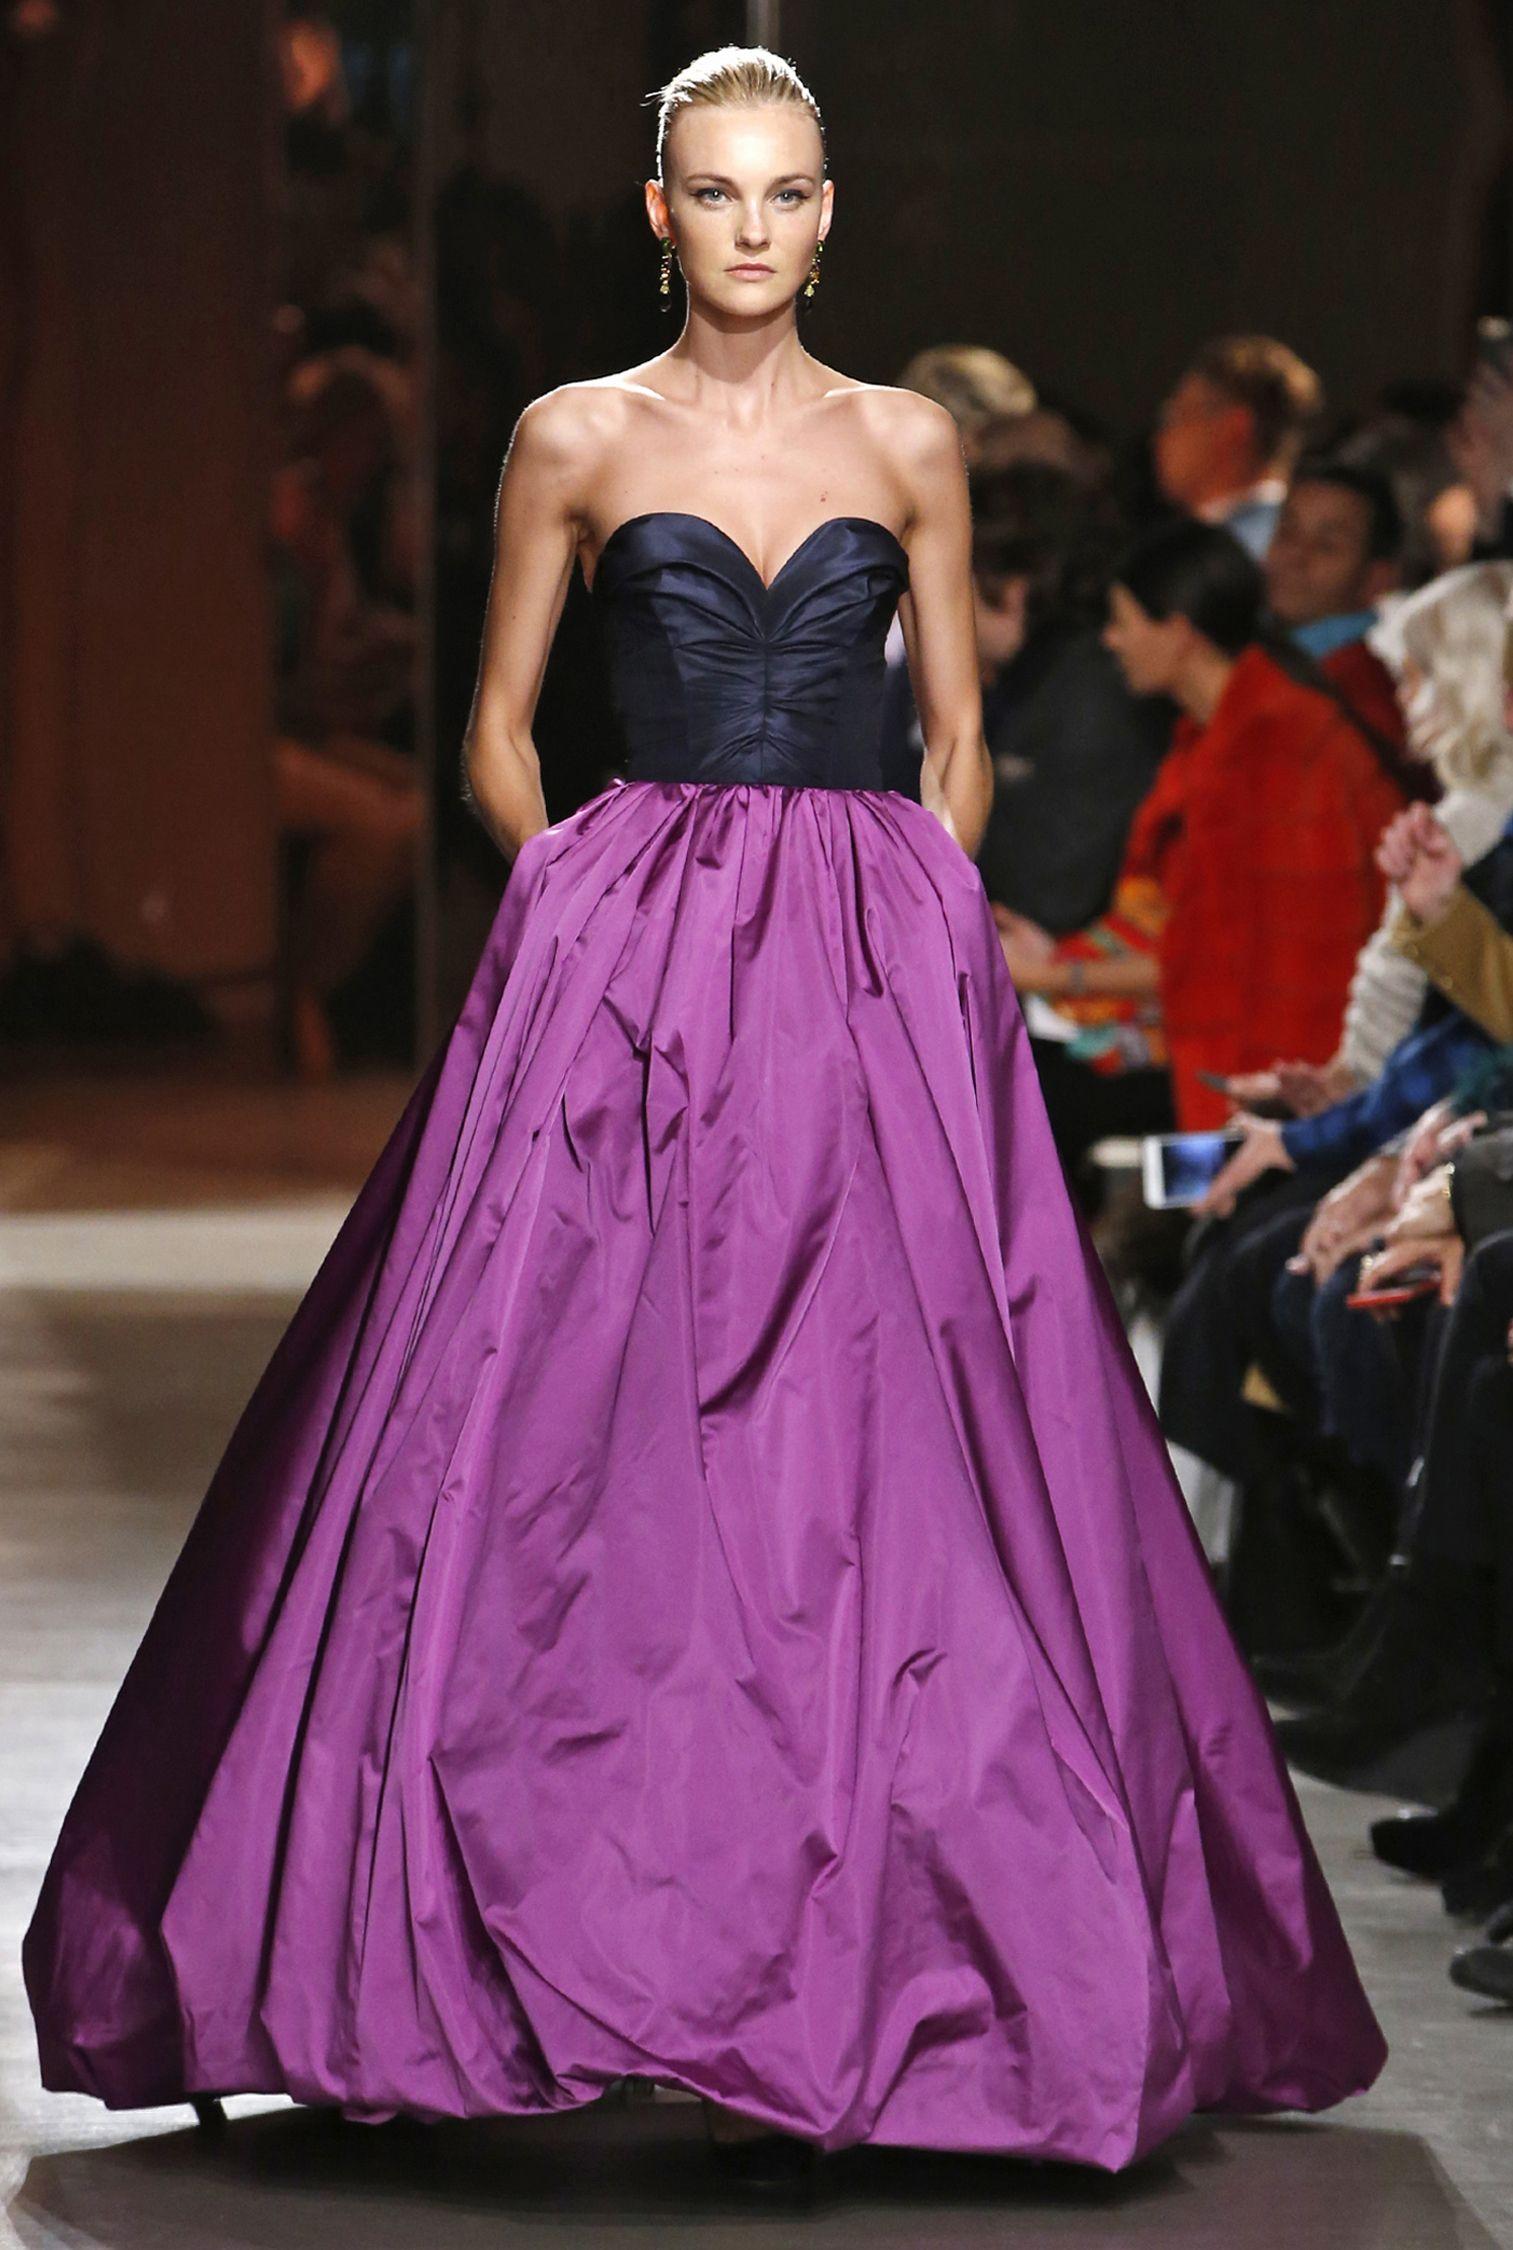 Fantástico Almacén Vestido De Dama Foto - Colección del Vestido de ...